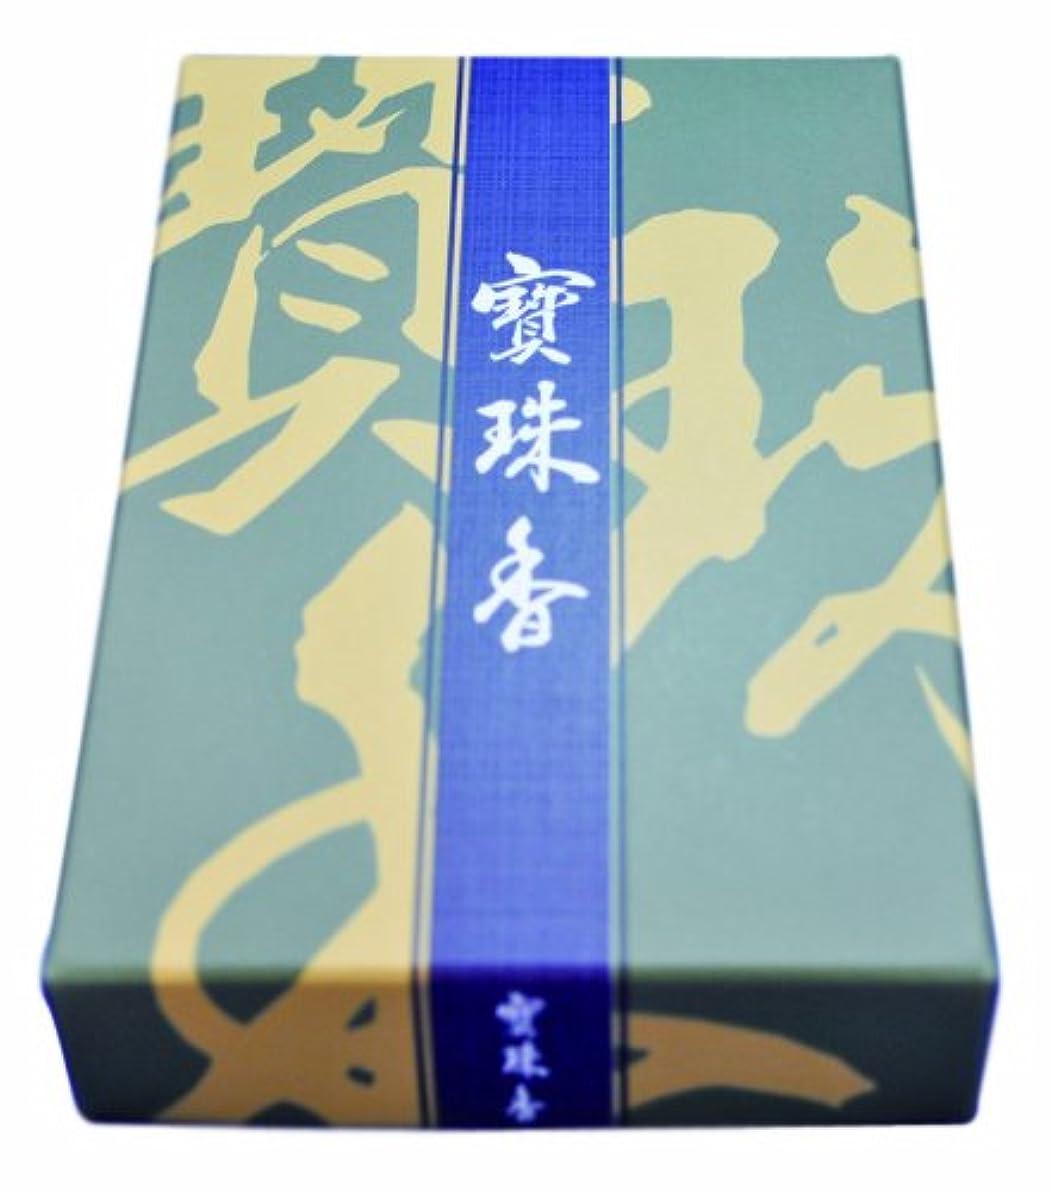 展開する特権的名声お線香 寳珠香 短寸バラ詰 約42g シャム沈香の香り